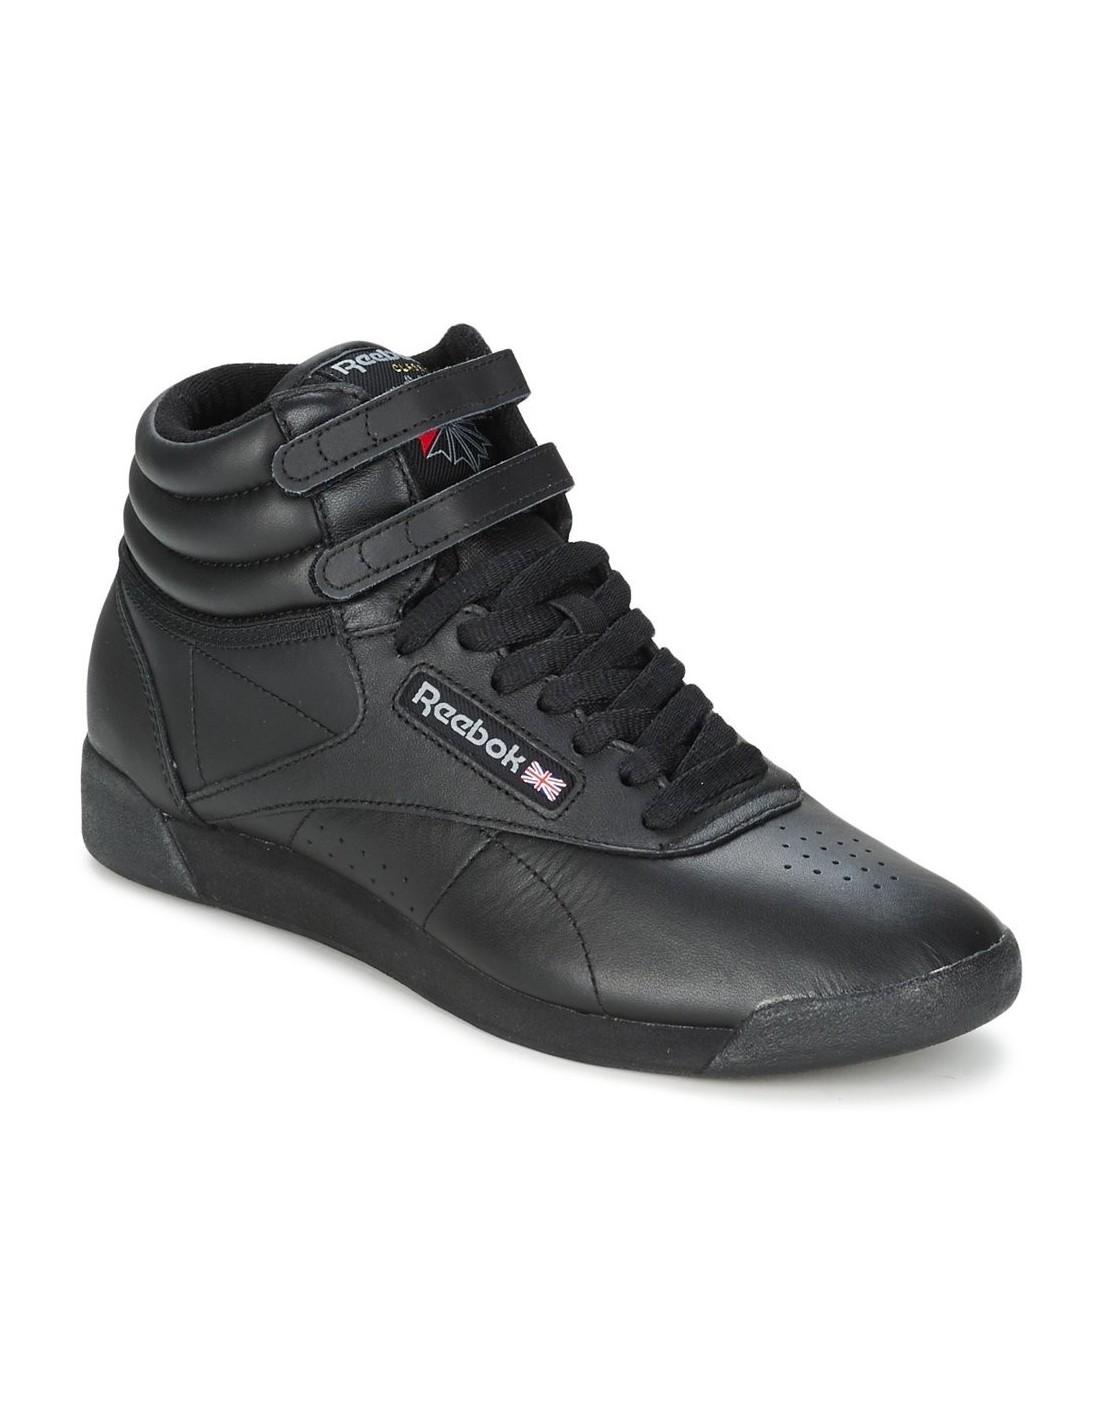 Reebok Freestyle Hi - Bettineschi Sport 412eae536